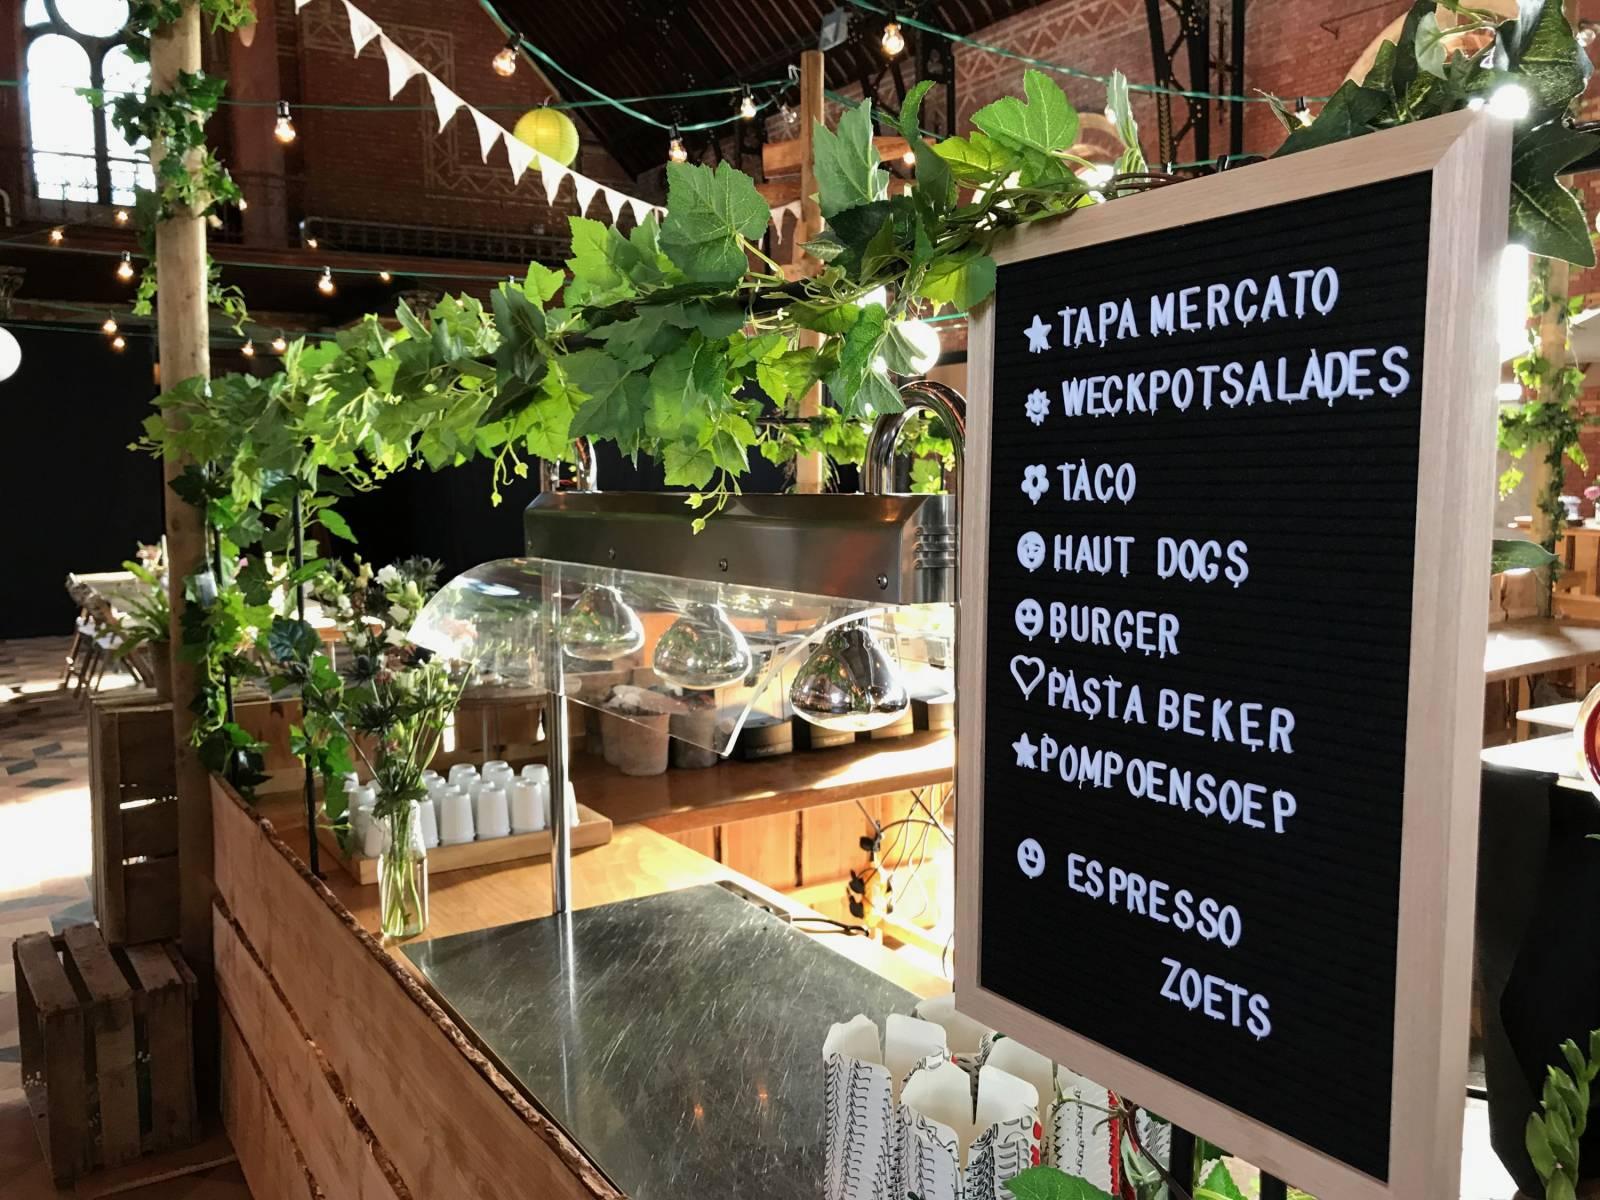 Hendrickx feesten - Catering - Traiteur - Cateraar - House of Events - 19